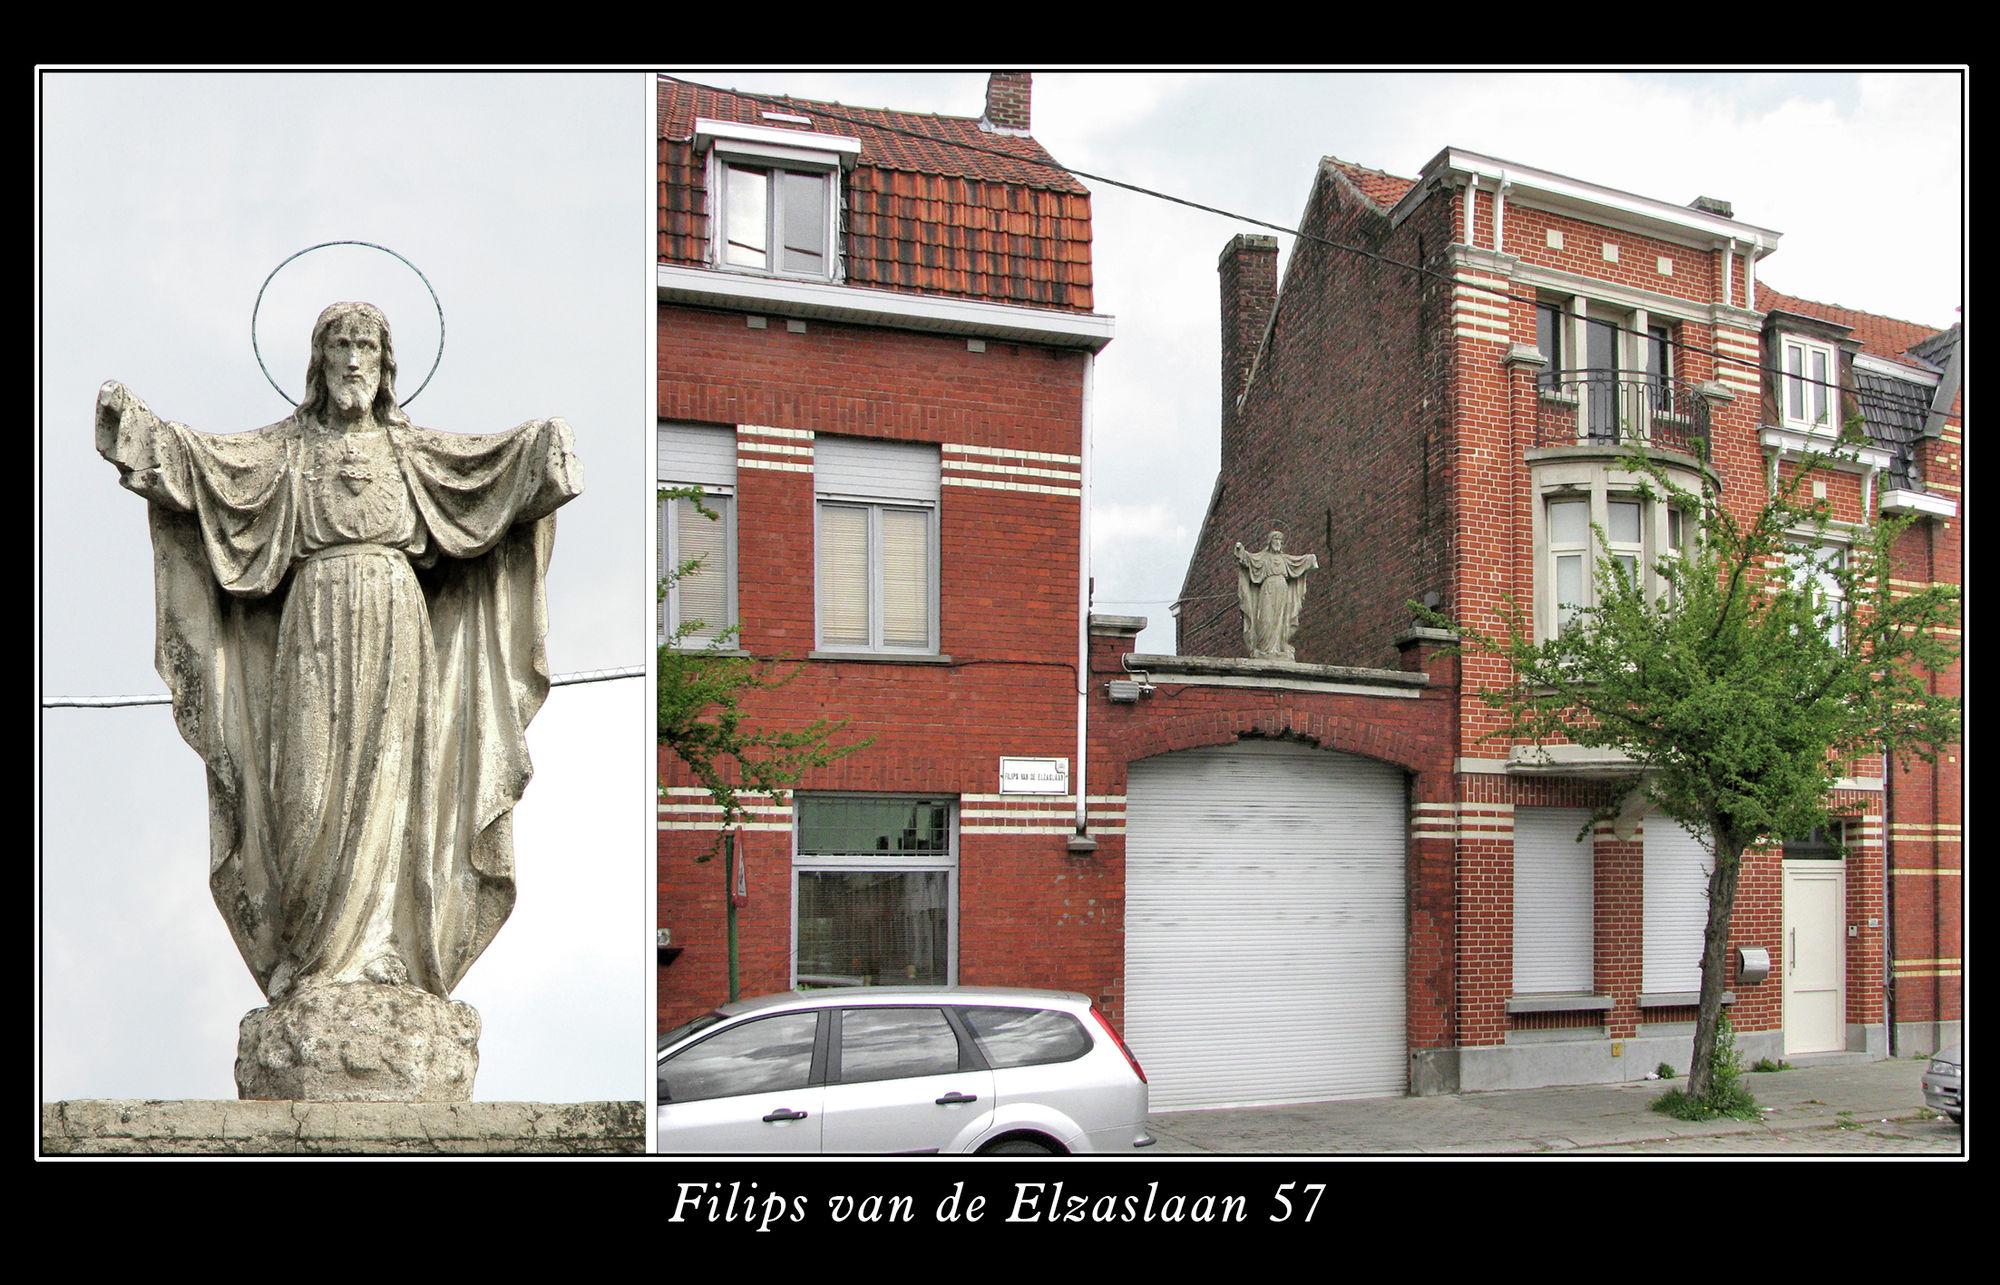 Muurkapel Filips van de Elzaslaan